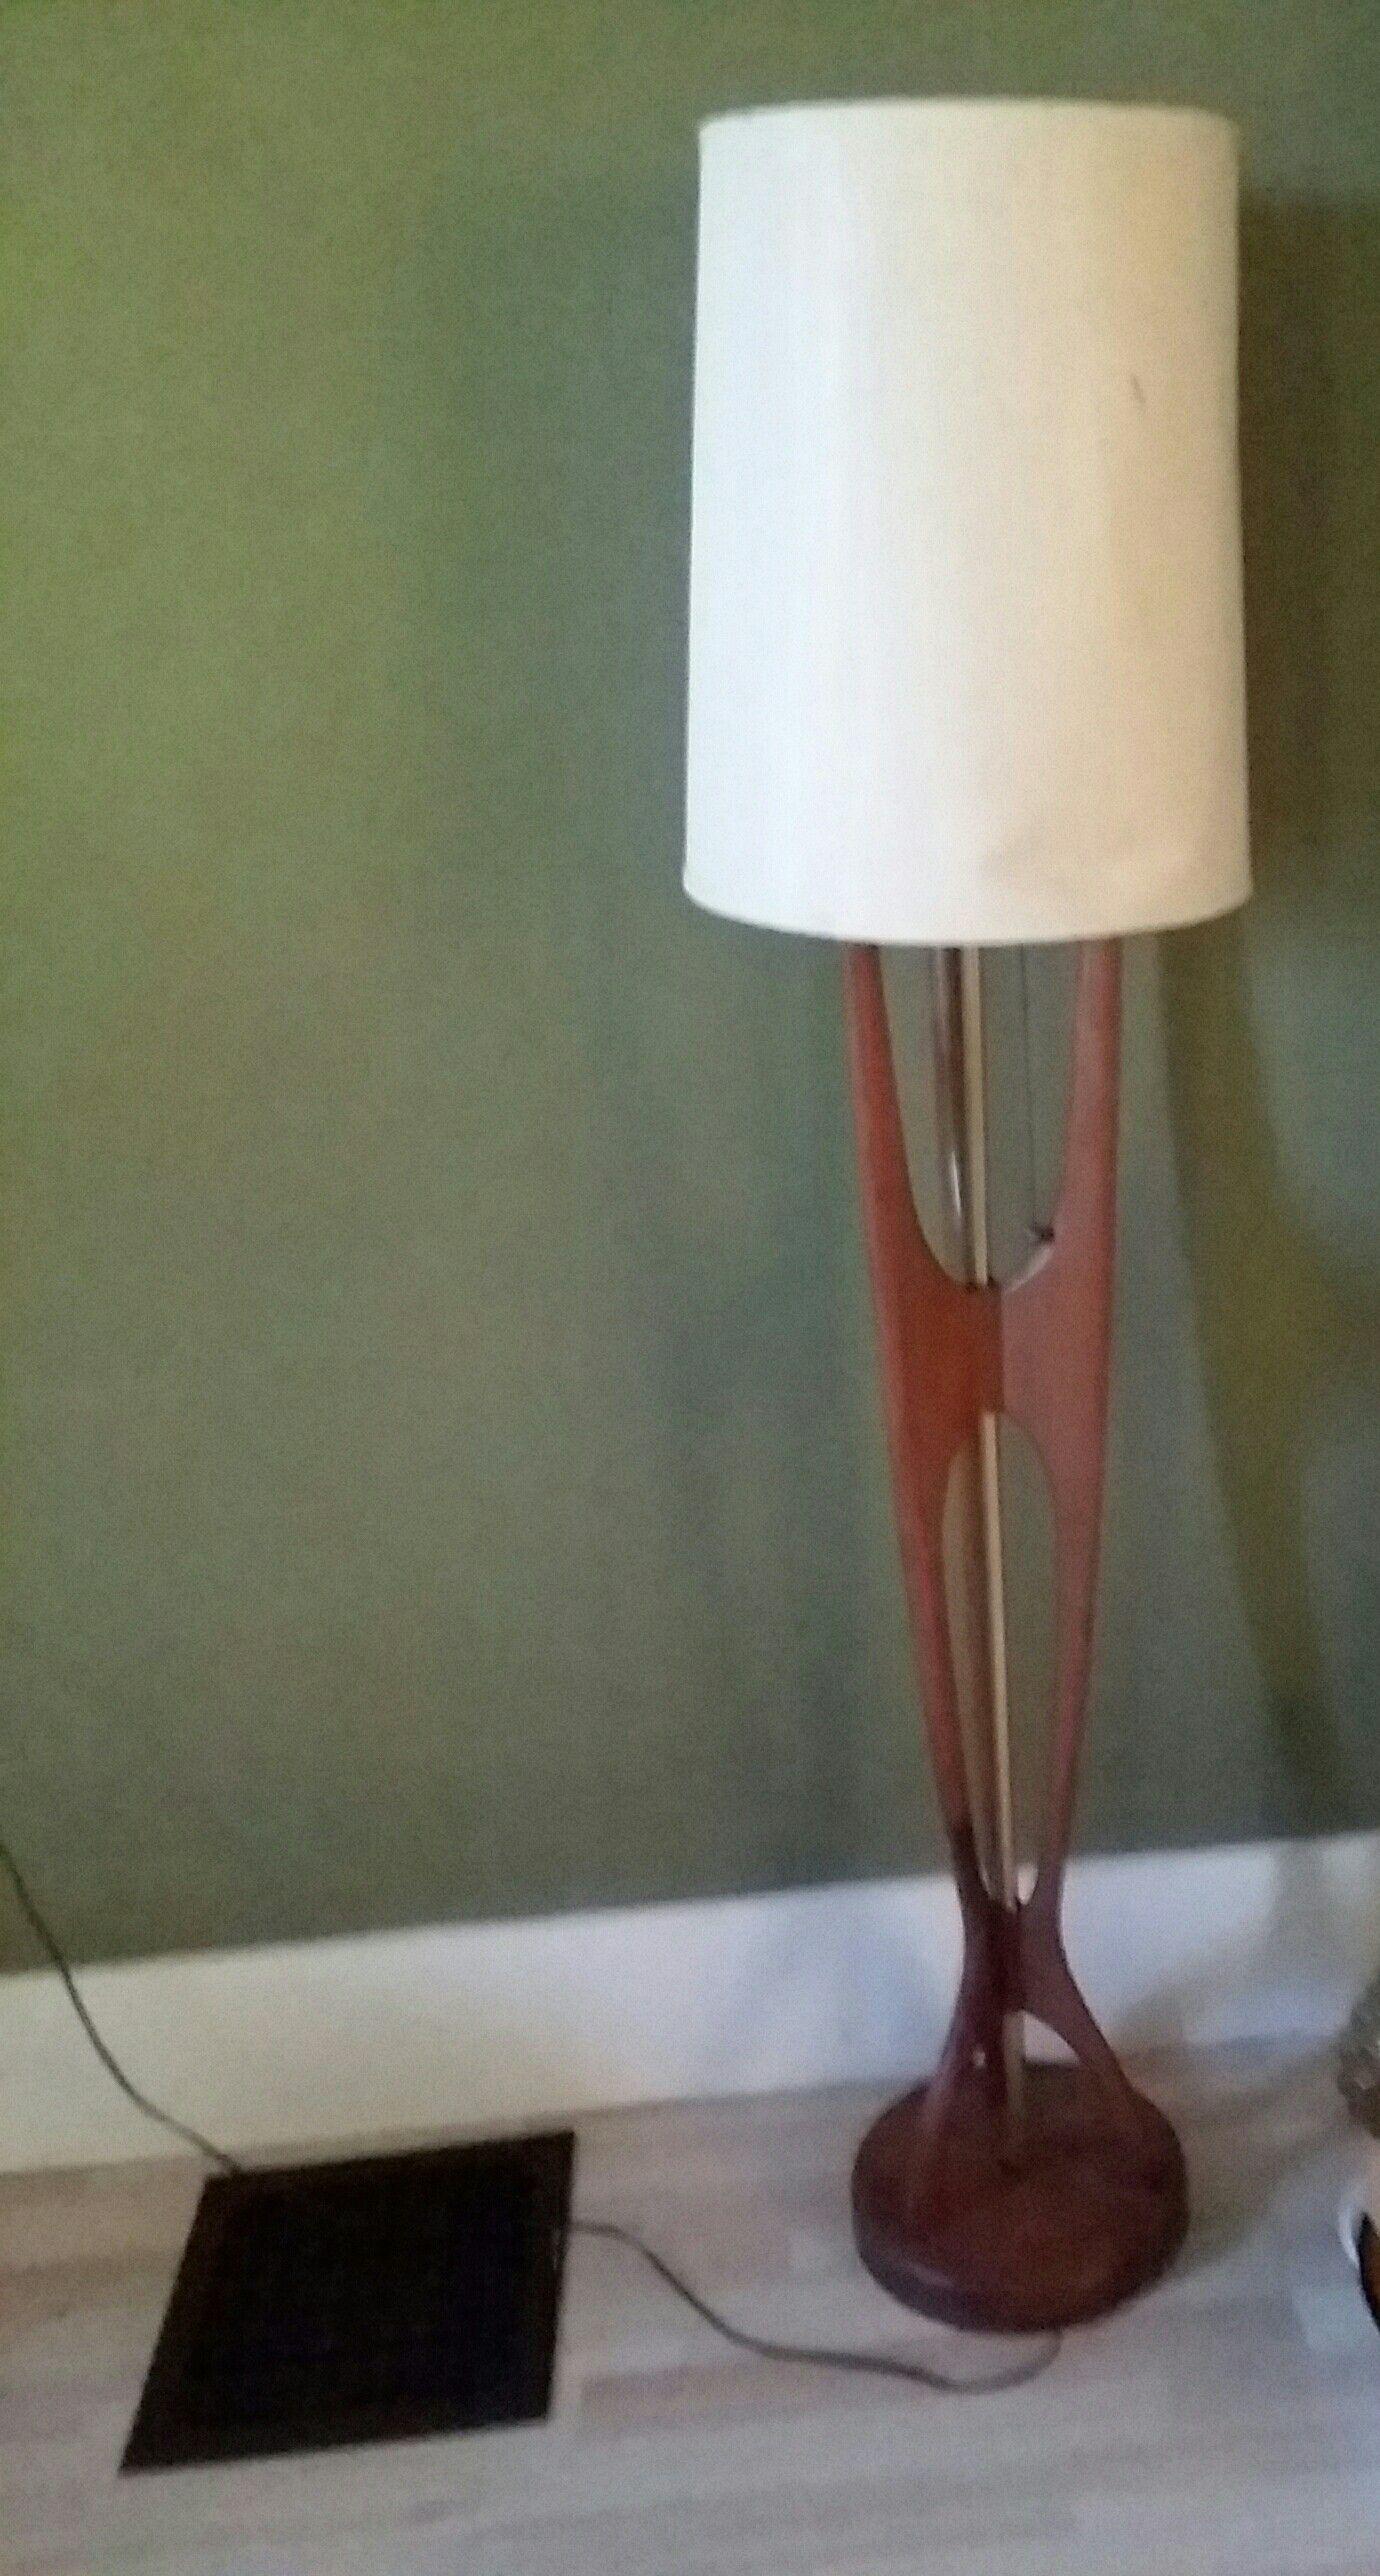 Mcm Teak Standing Floor Lamp Floor Standing Lamps Floor with regard to sizing 1380 X 2576